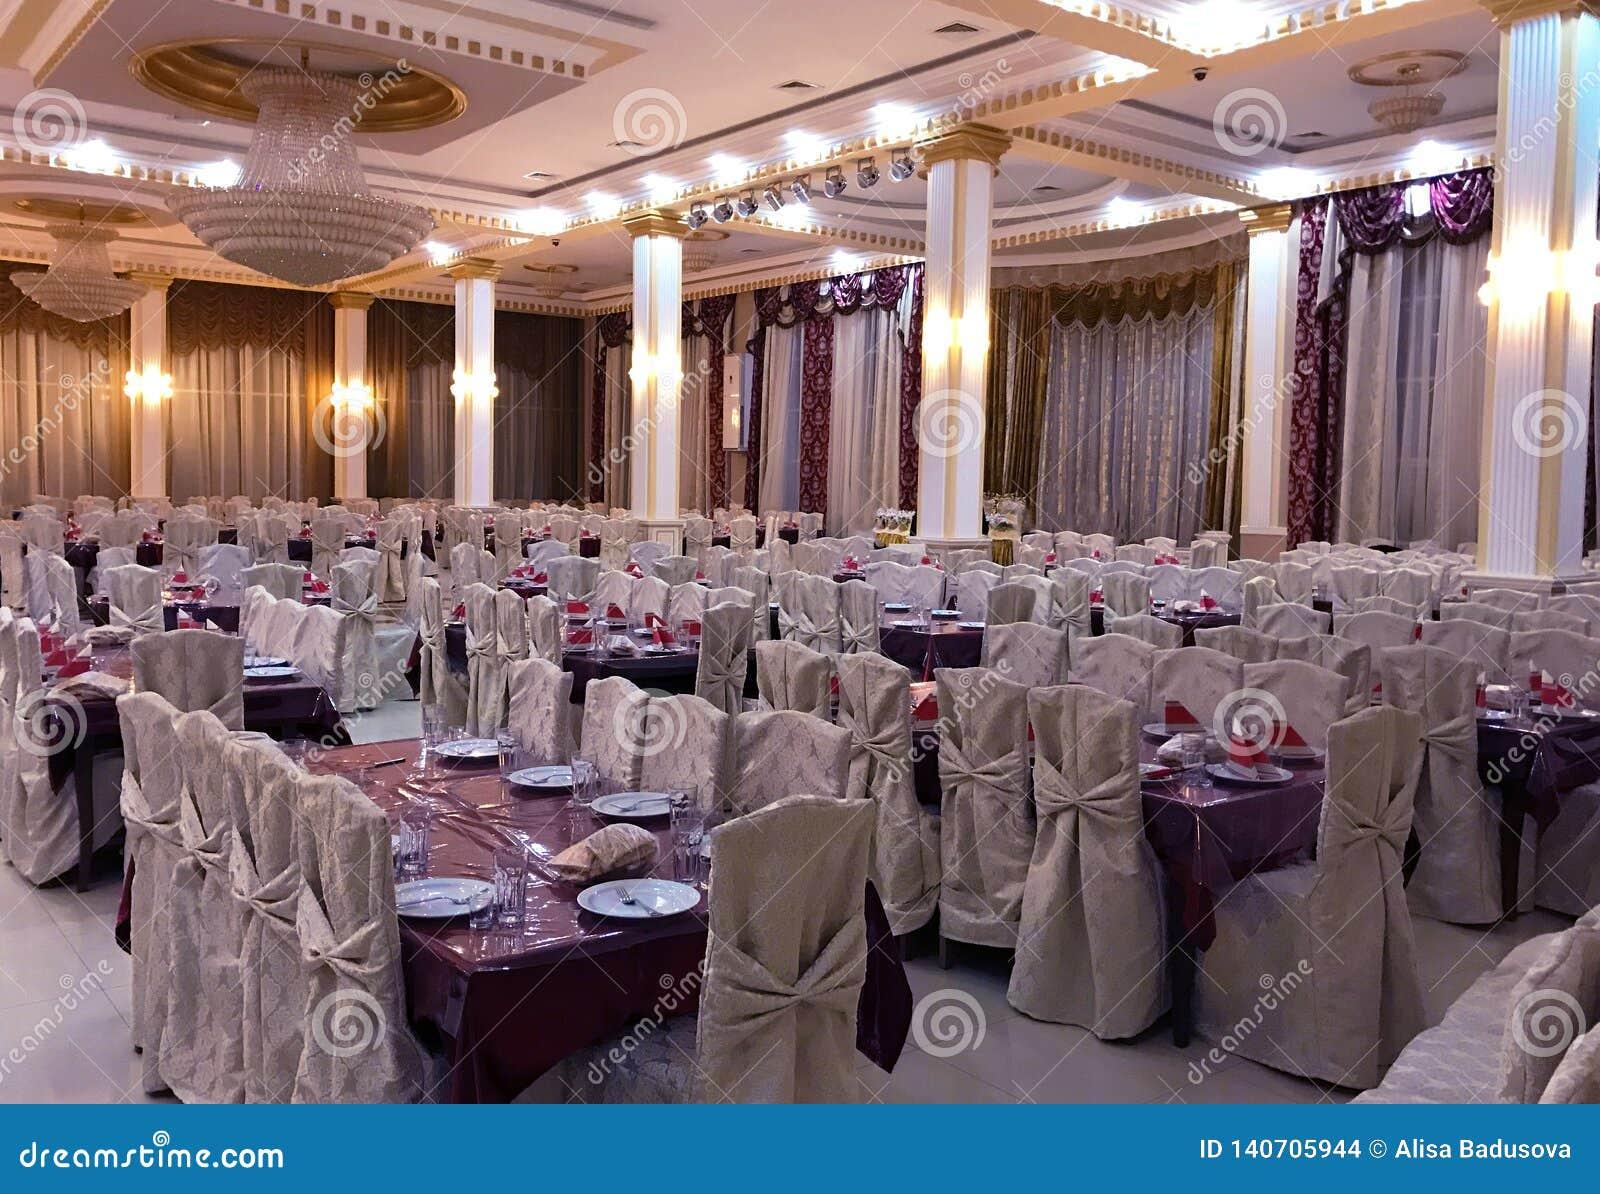 Σκηνή για τον εορτασμό του γάμου Όμορφο άσπρο εσωτερικό με τις άσπρες υφασματεμπορίες